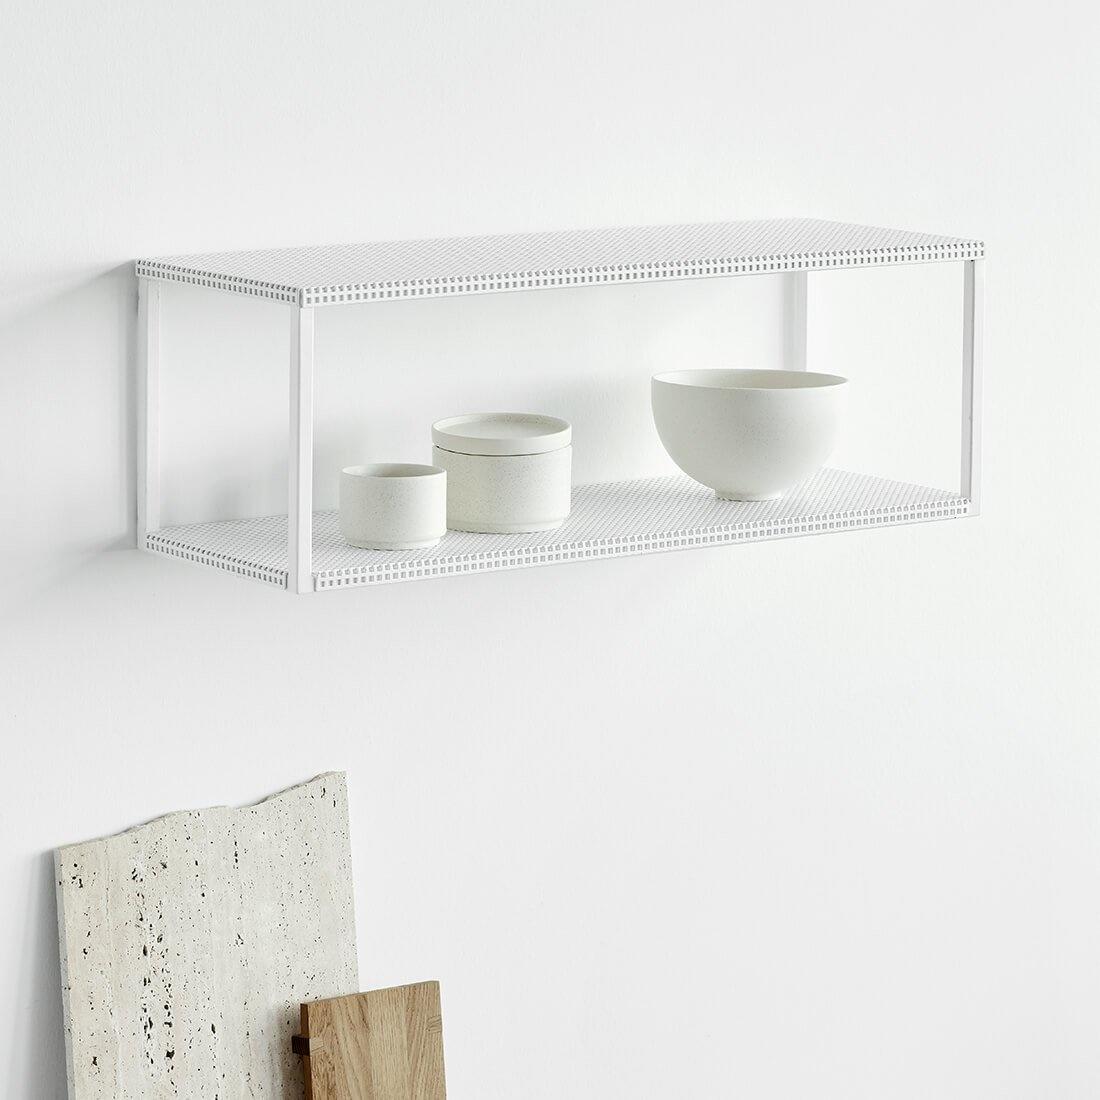 Toonzaalmodel Grid Wall Shelf  White-2